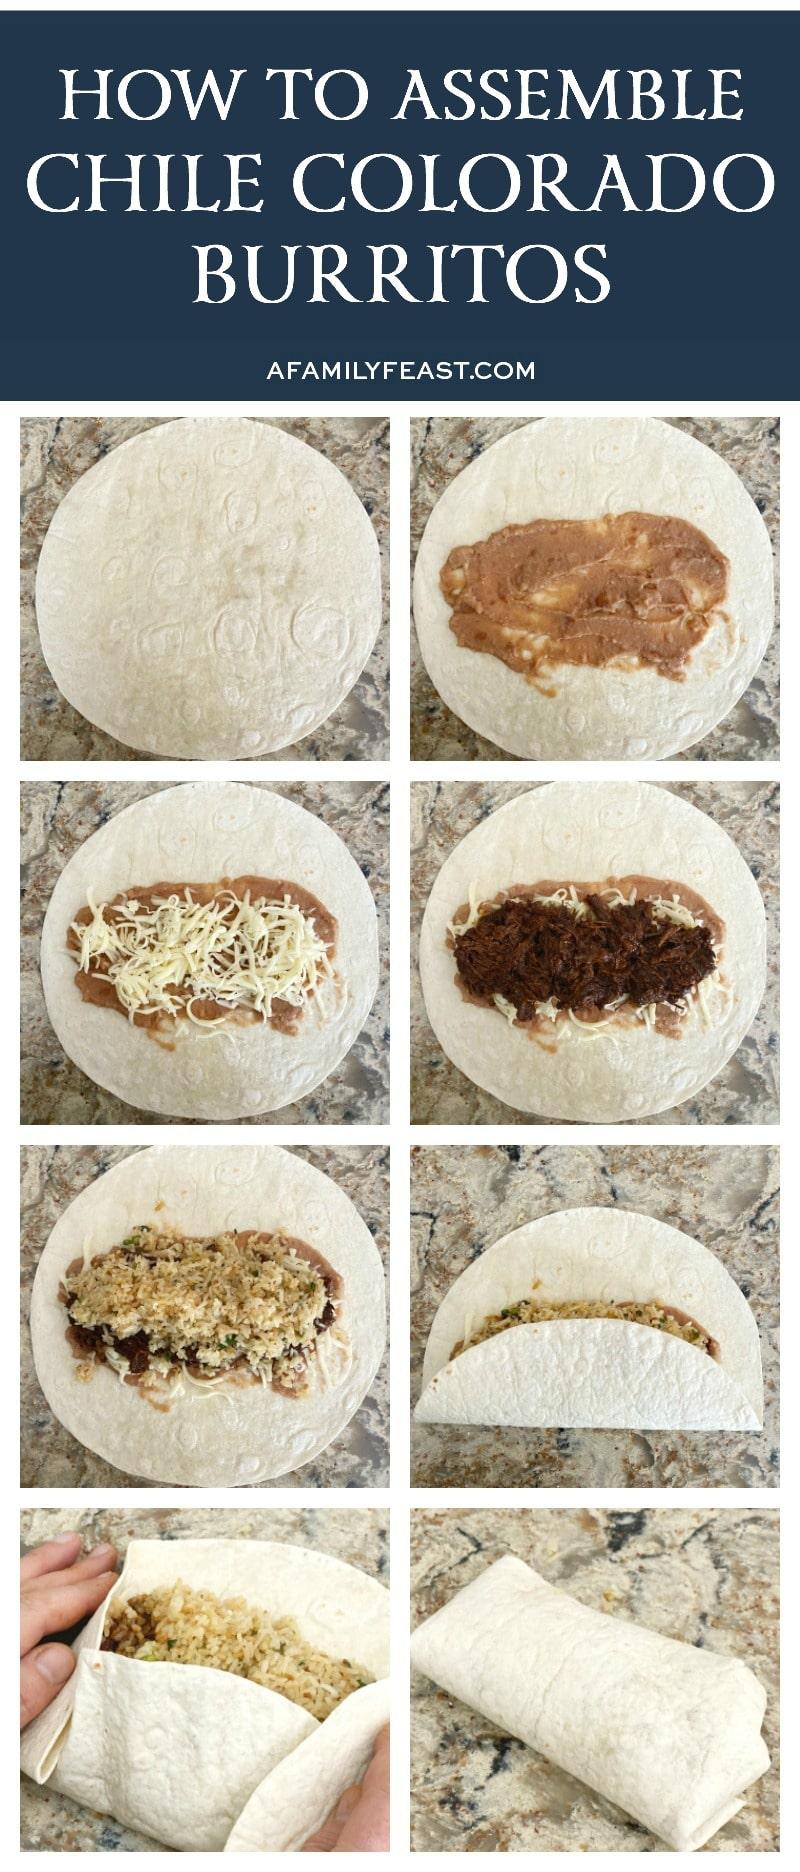 how to assemble Chile Colorado Burritos